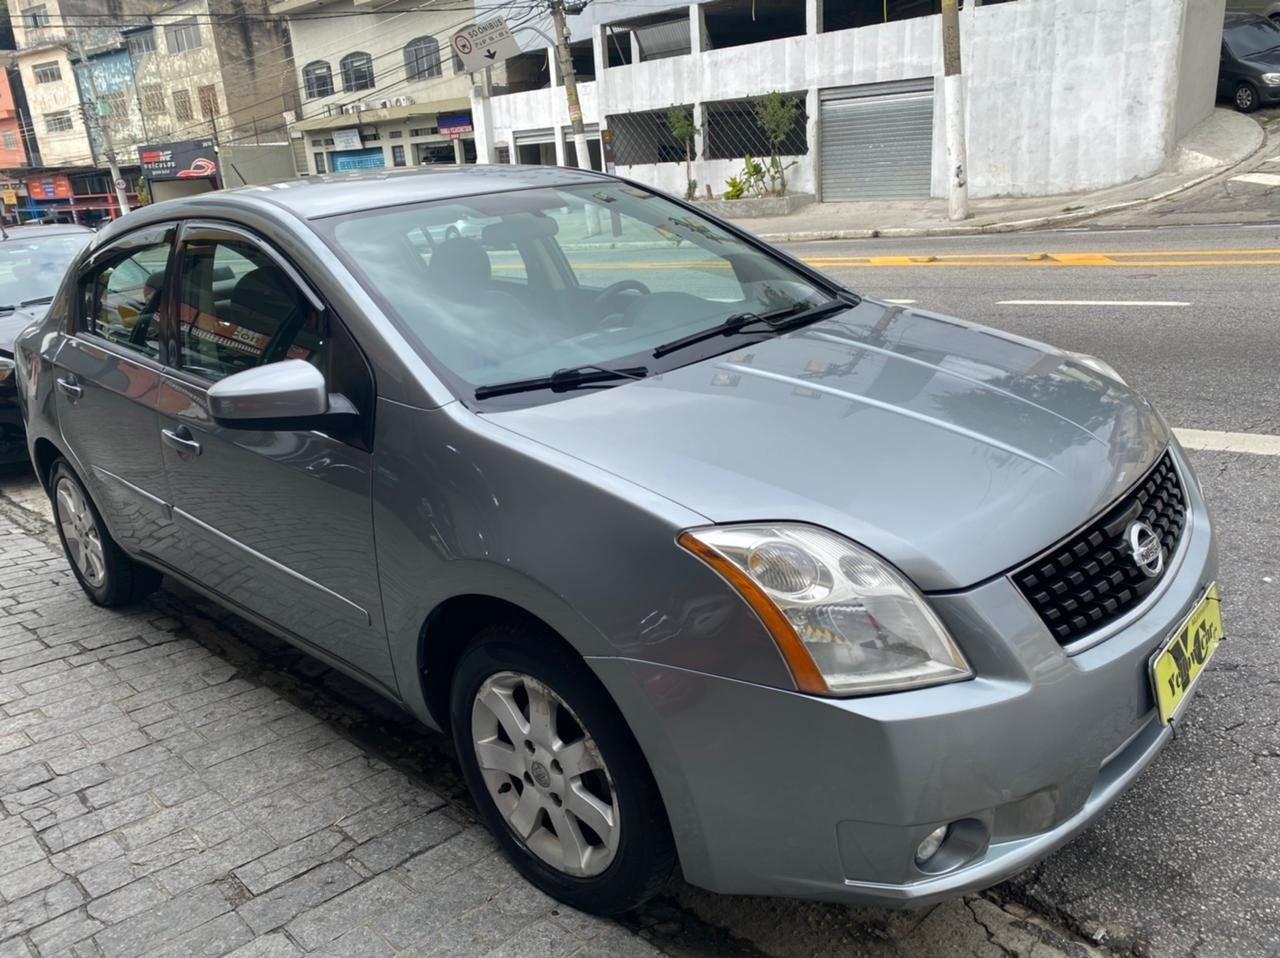 //www.autoline.com.br/carro/nissan/sentra-20-16v-gasolina-4p-cvt/2008/sao-paulo-sp/14901864